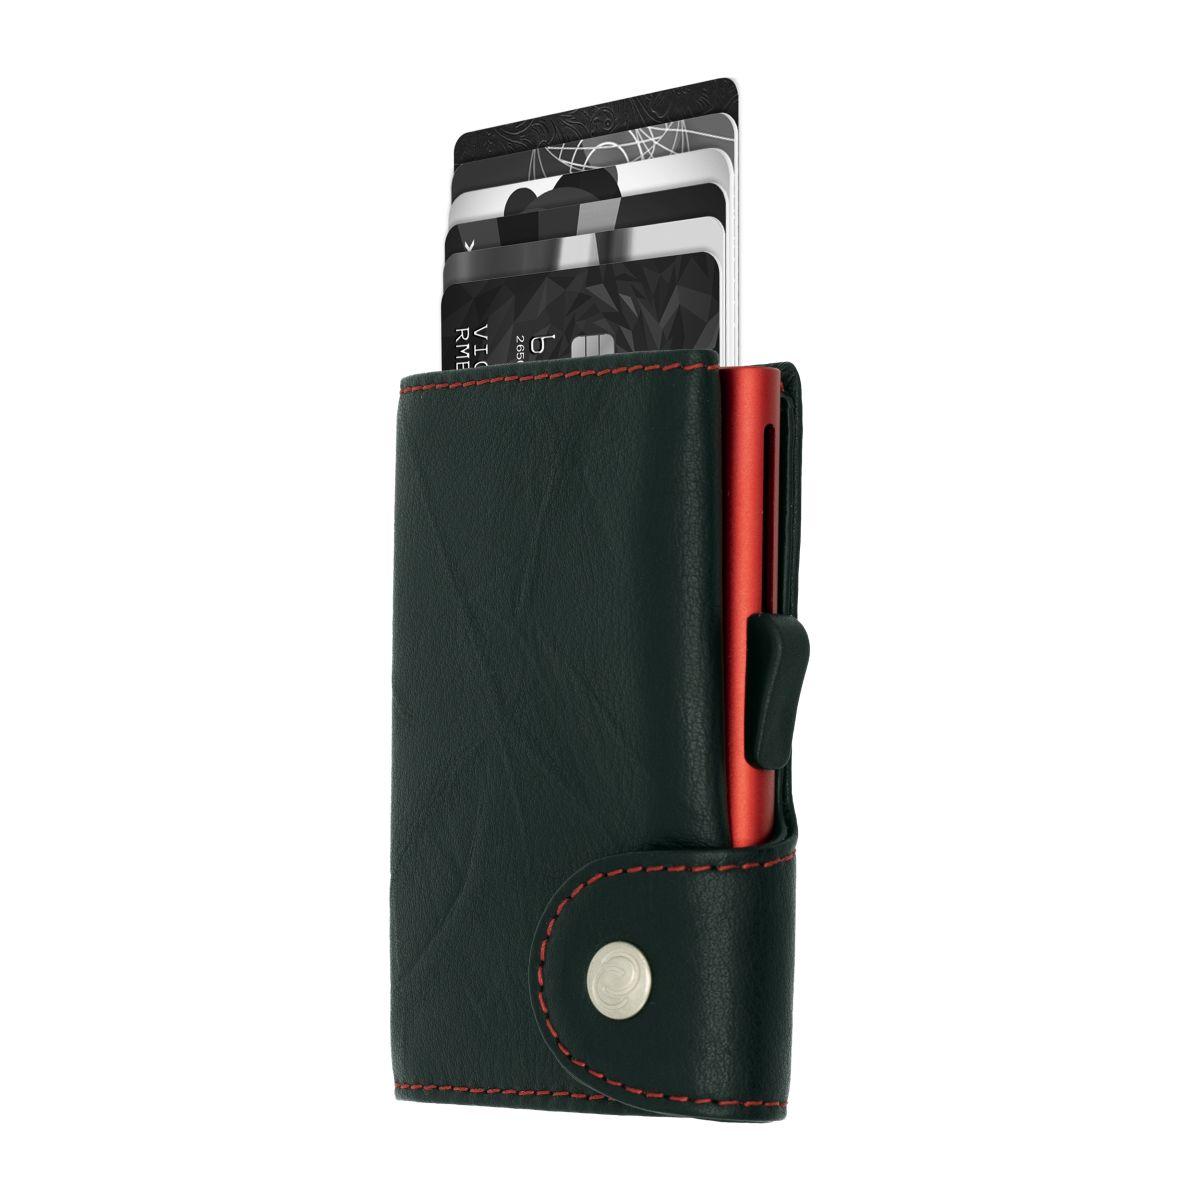 C-Secure ארנק אלומיניום בשילוב עור - שחור \ אדום